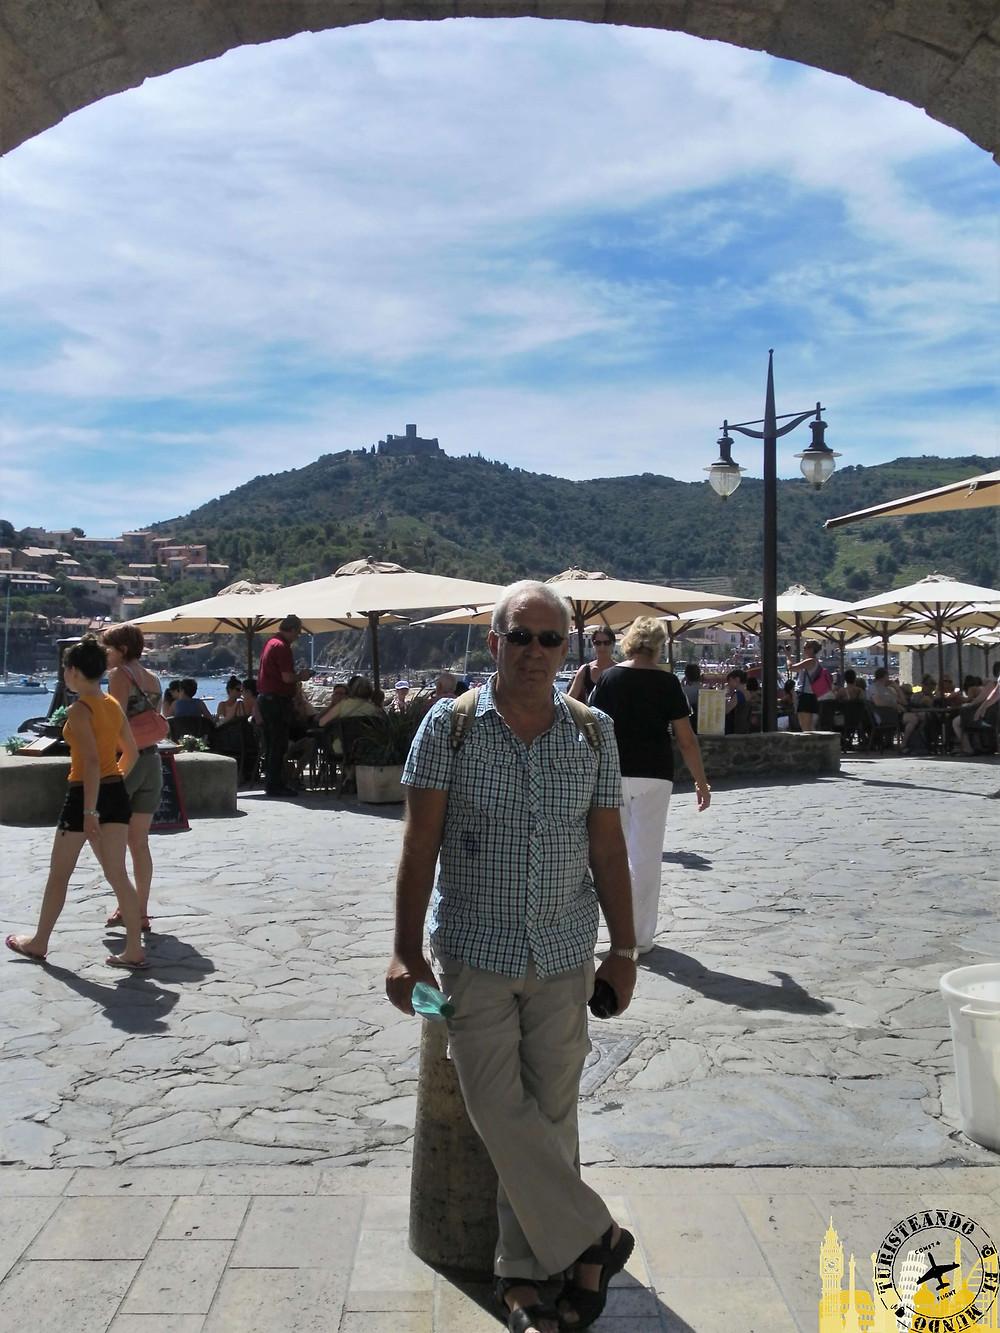 Collioure (Francia). Al fondo Fuerte de San Telmo